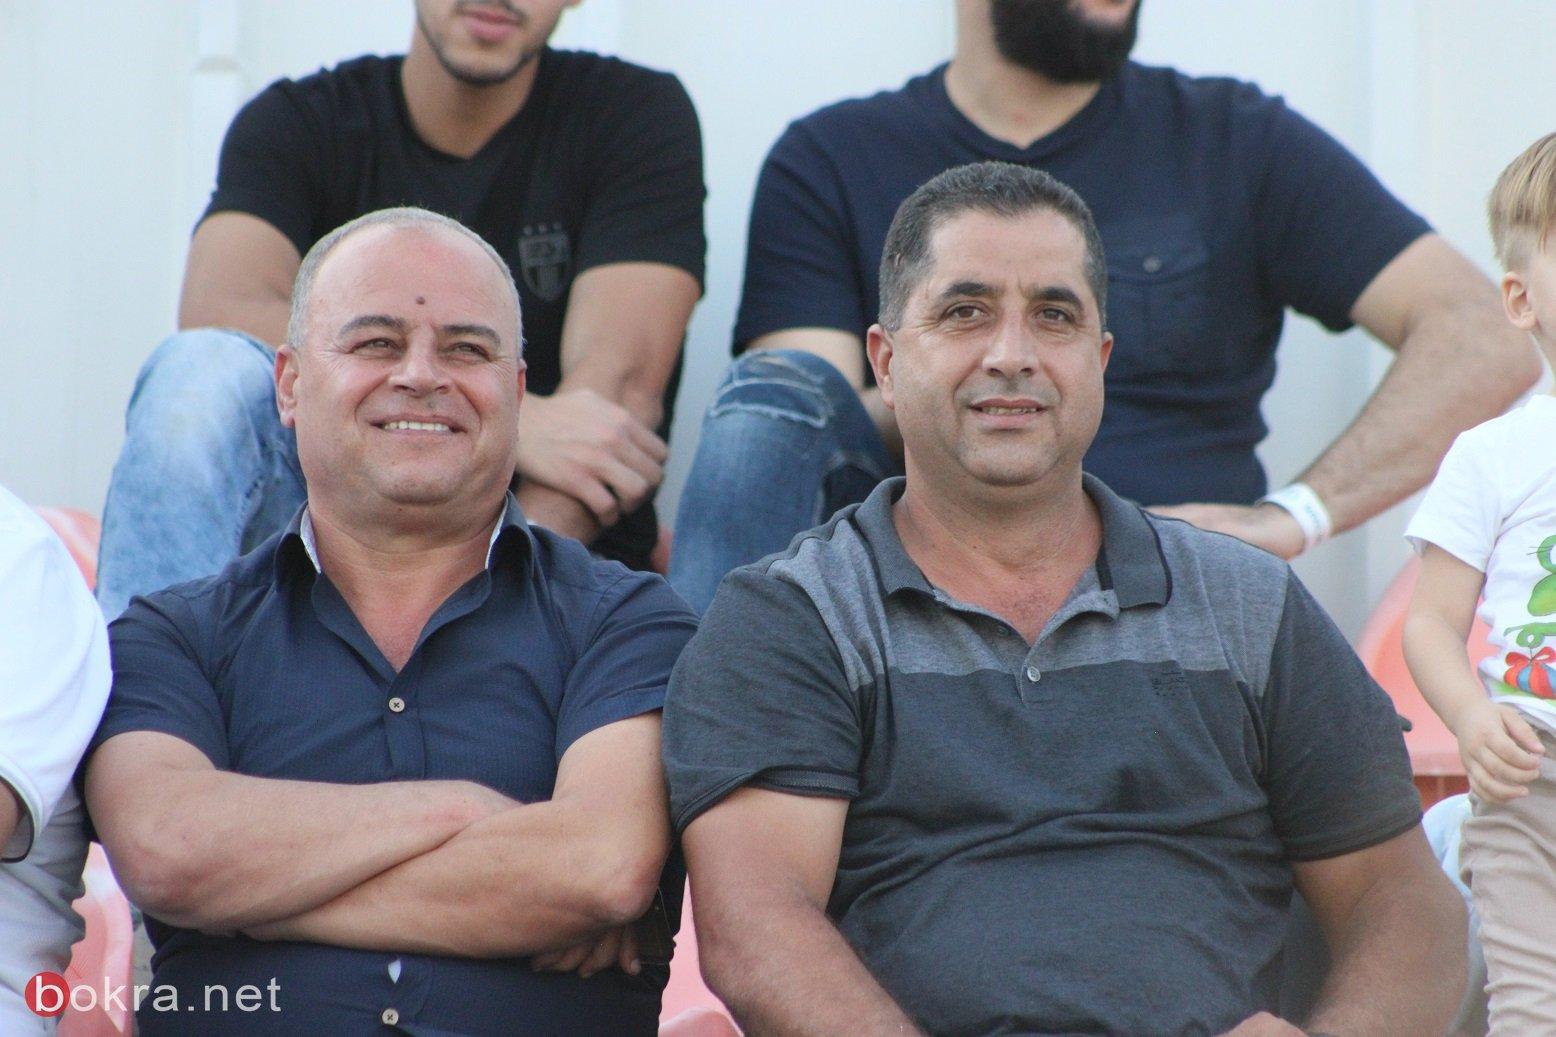 الاخاء النصراوي يعود لدرب الانتصارات برباعية في شباك مرمروك